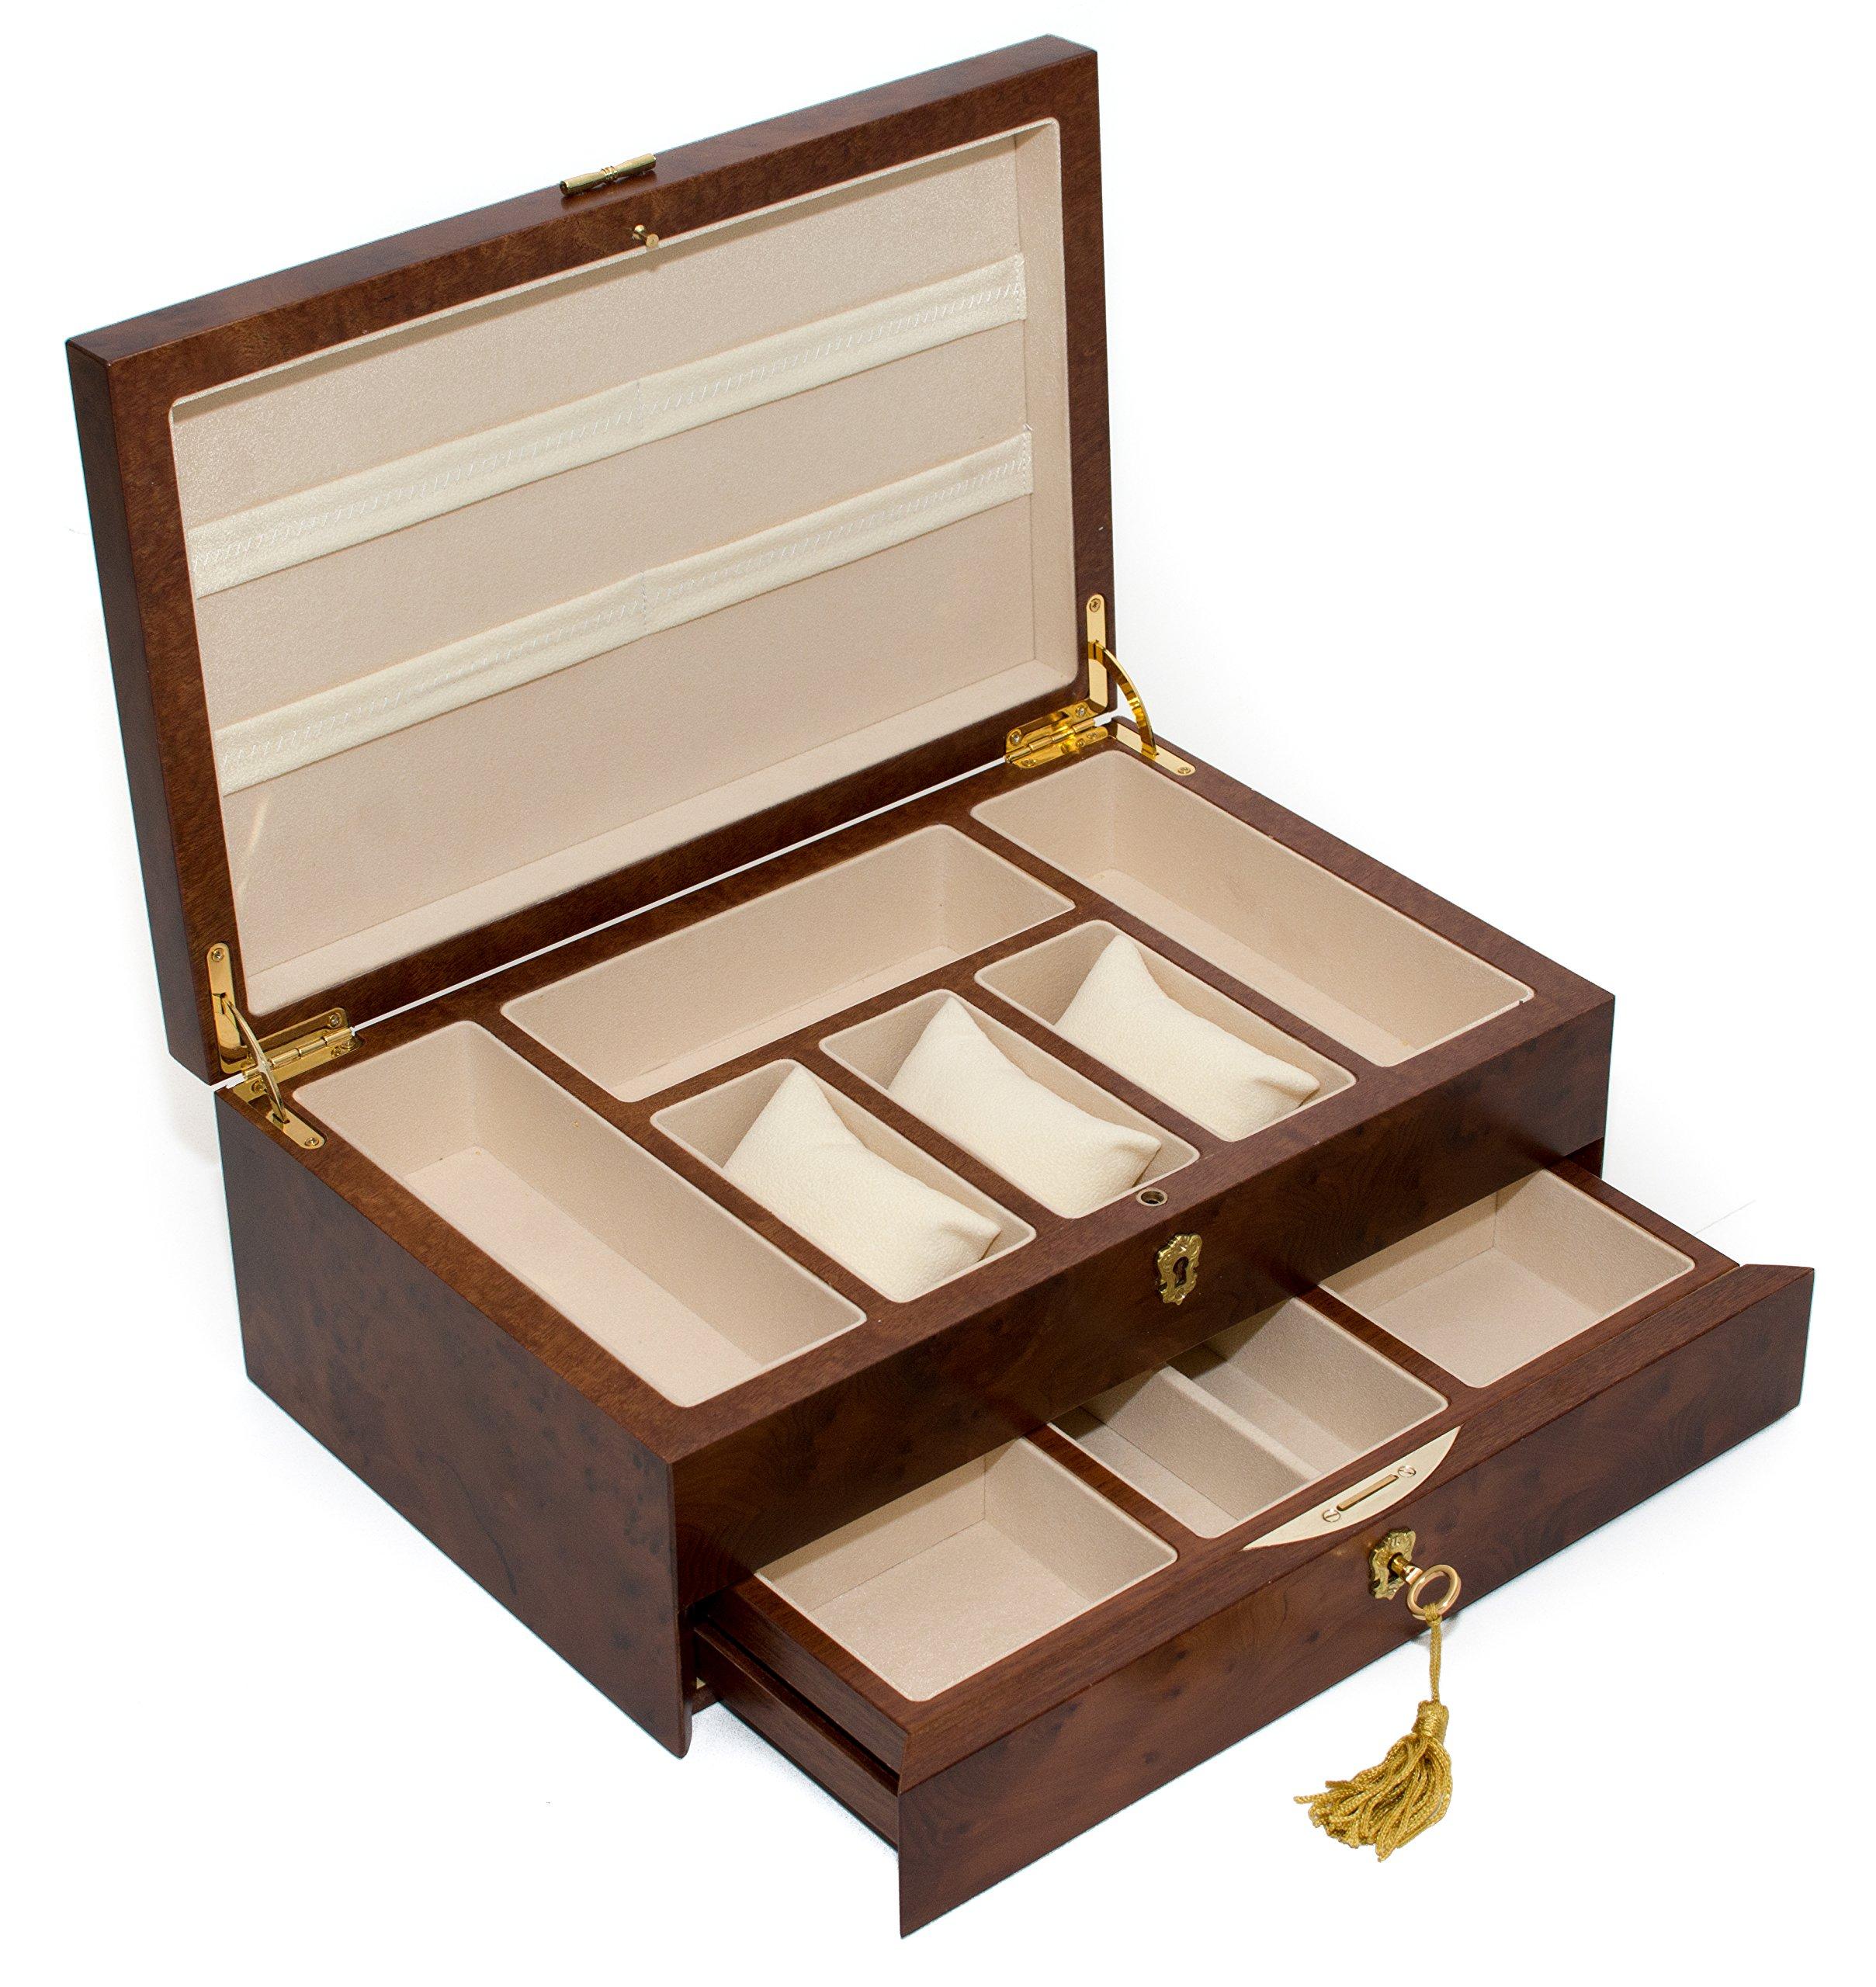 Bello Collezioni - Via Del Corso Luxury Briar Wood Men's/Women's Jewelry Box. Made in Italy by Bello Games New York, Inc. (Image #2)